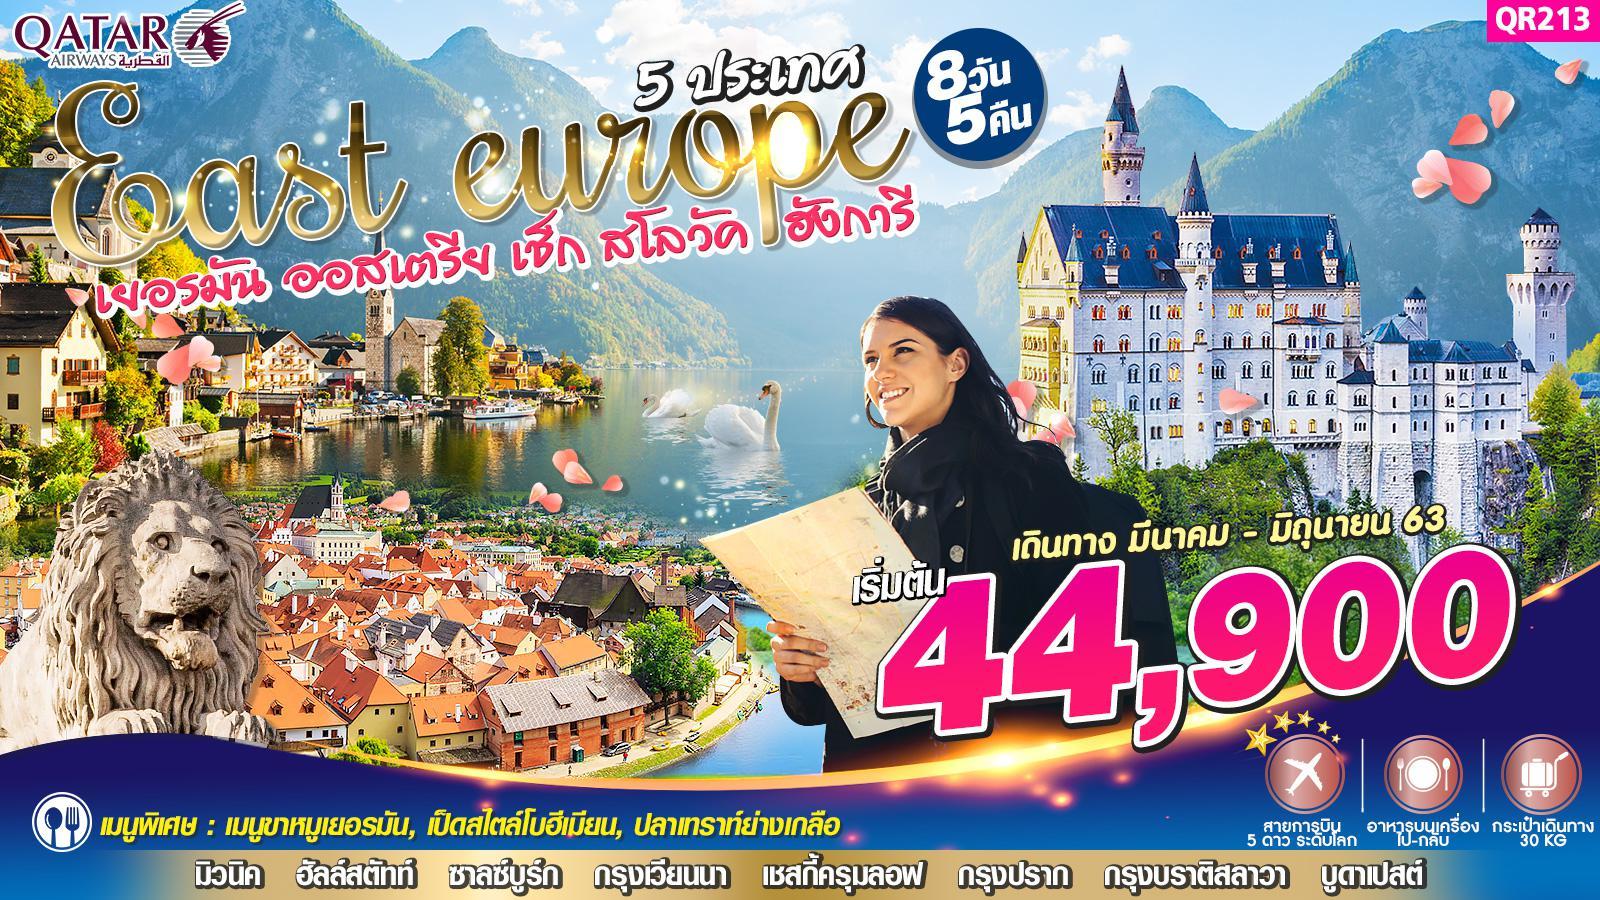 ทัวร์ยุโปร EAST EUROPE 5 ประเทศ เยอรมัน ออสเตรีย เช็ก สโลวัค ฮังการี 8 วัน 5 คืน